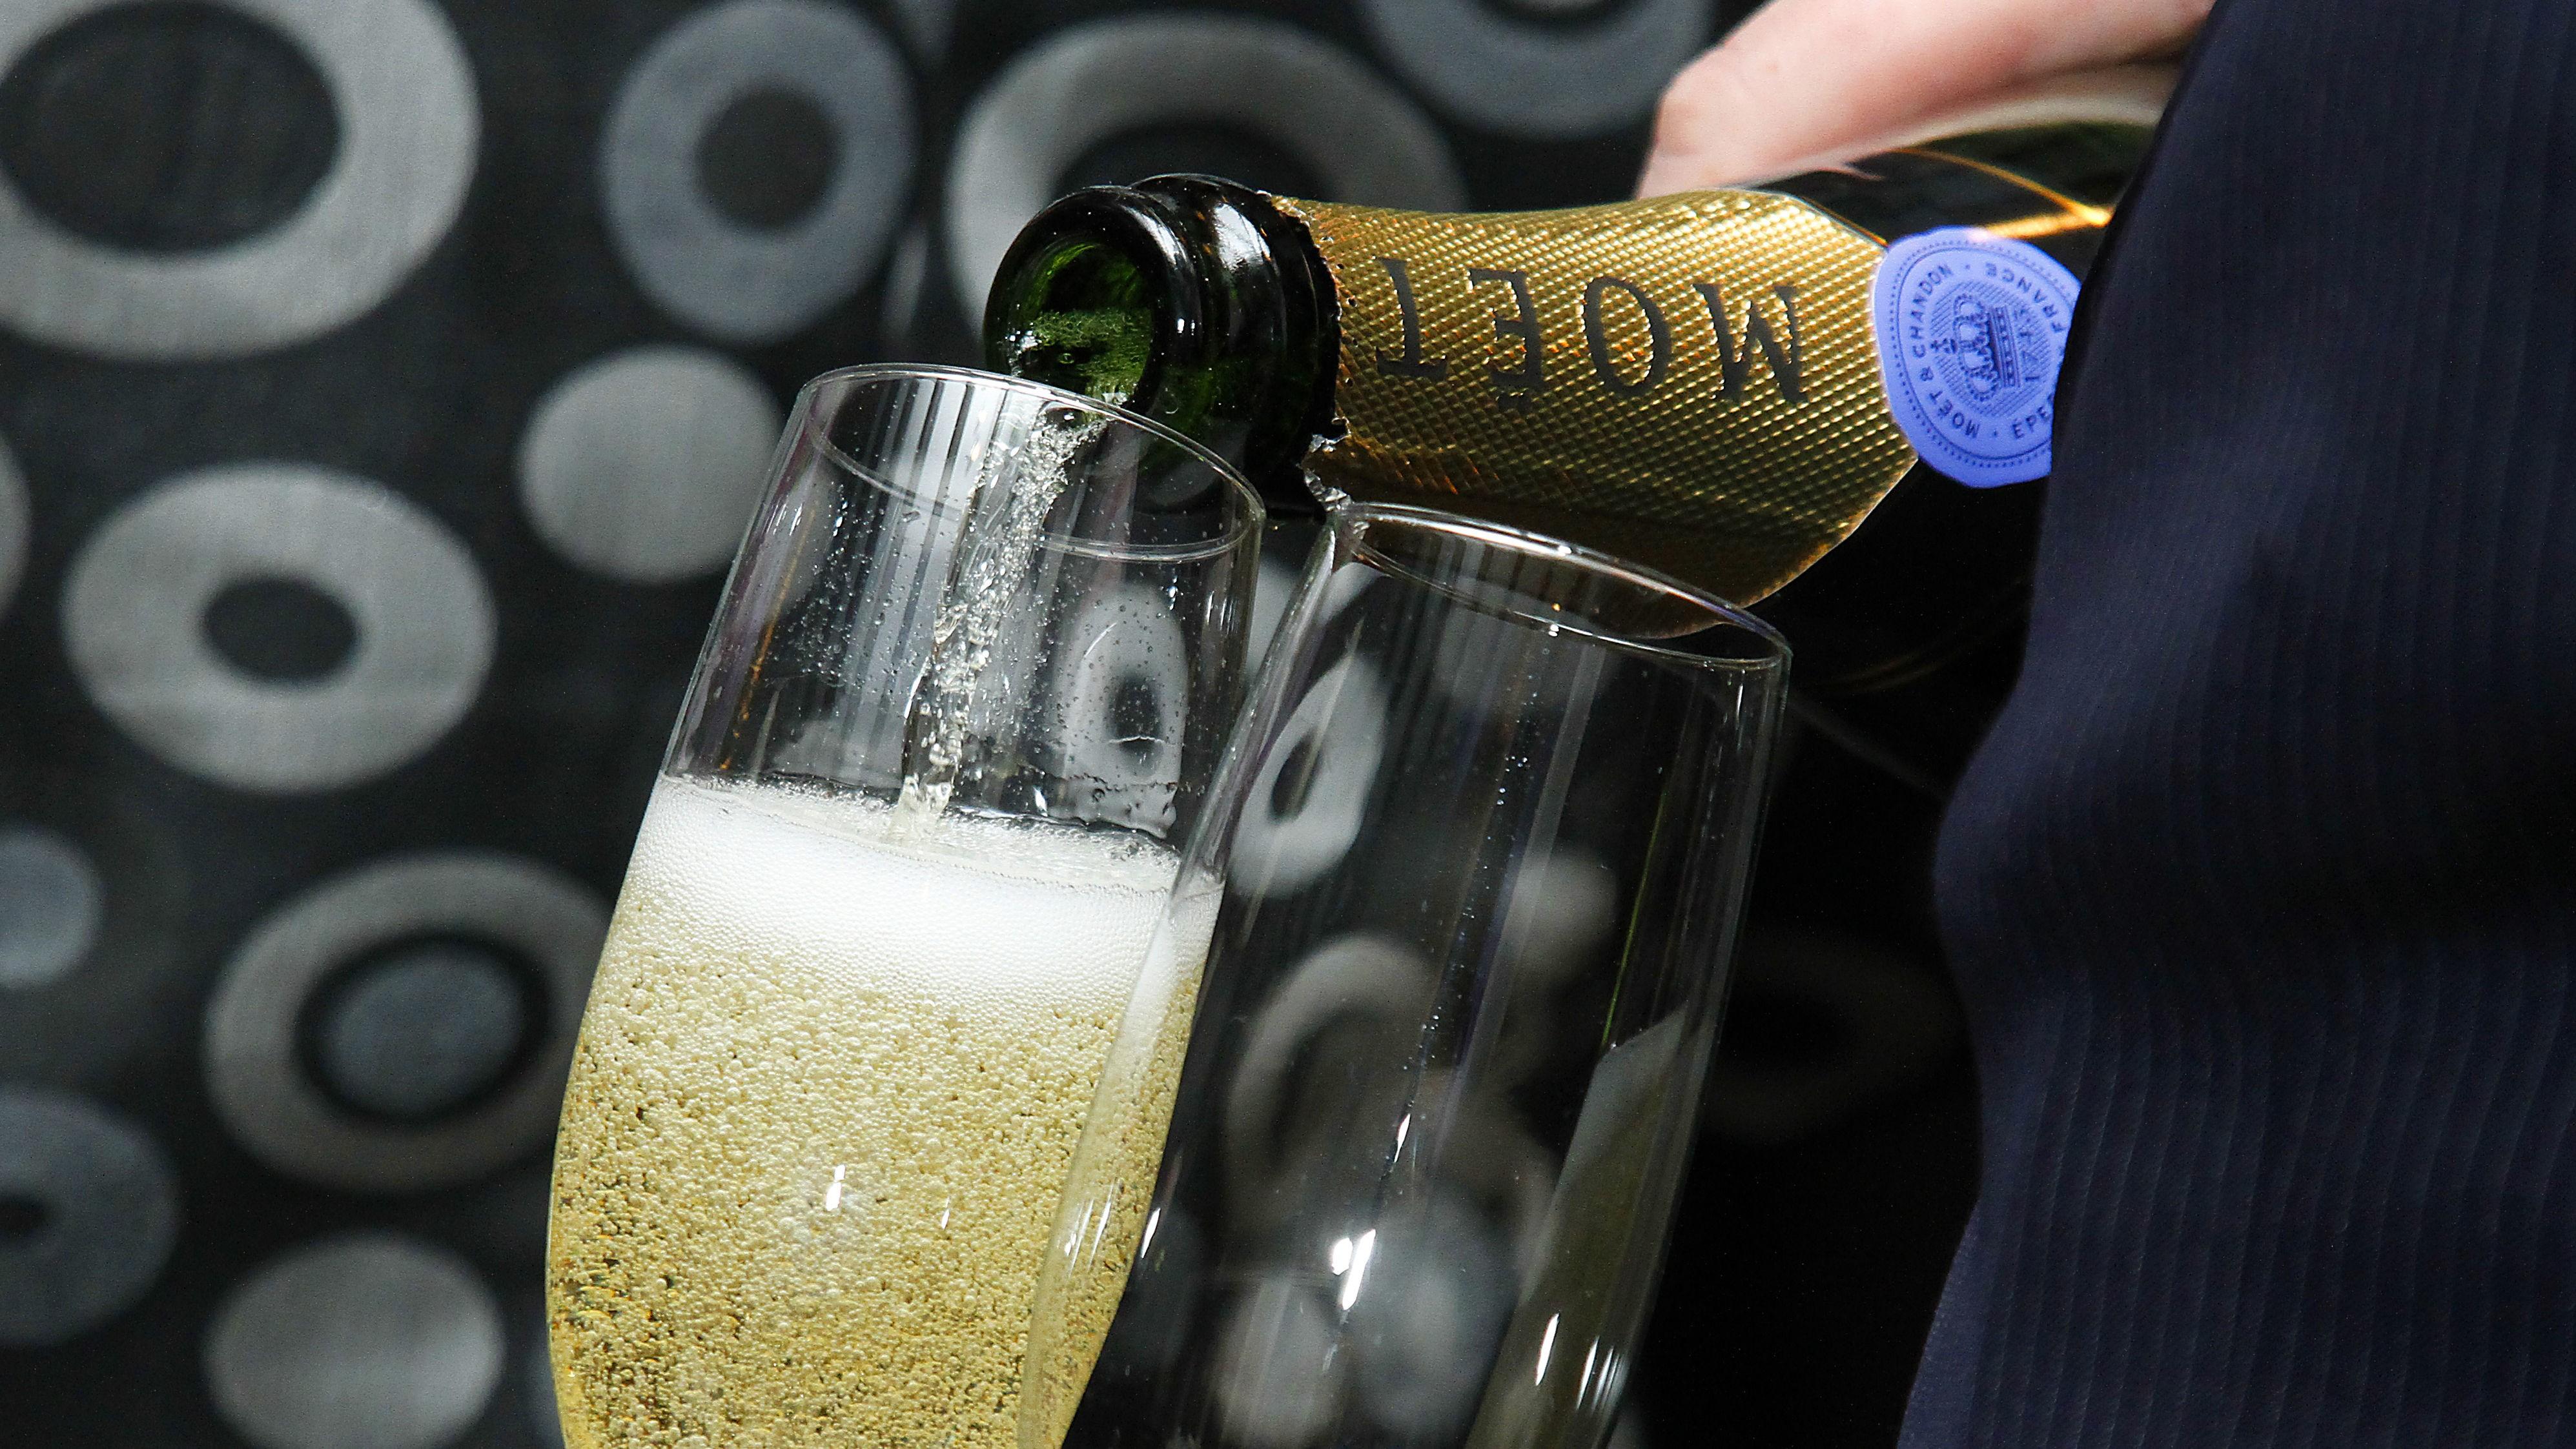 SKÅL! Tre glass champagne i uka kan redusere risikoen for demens og Alzheimers, viser forskning utført ved universitetet i Reading.